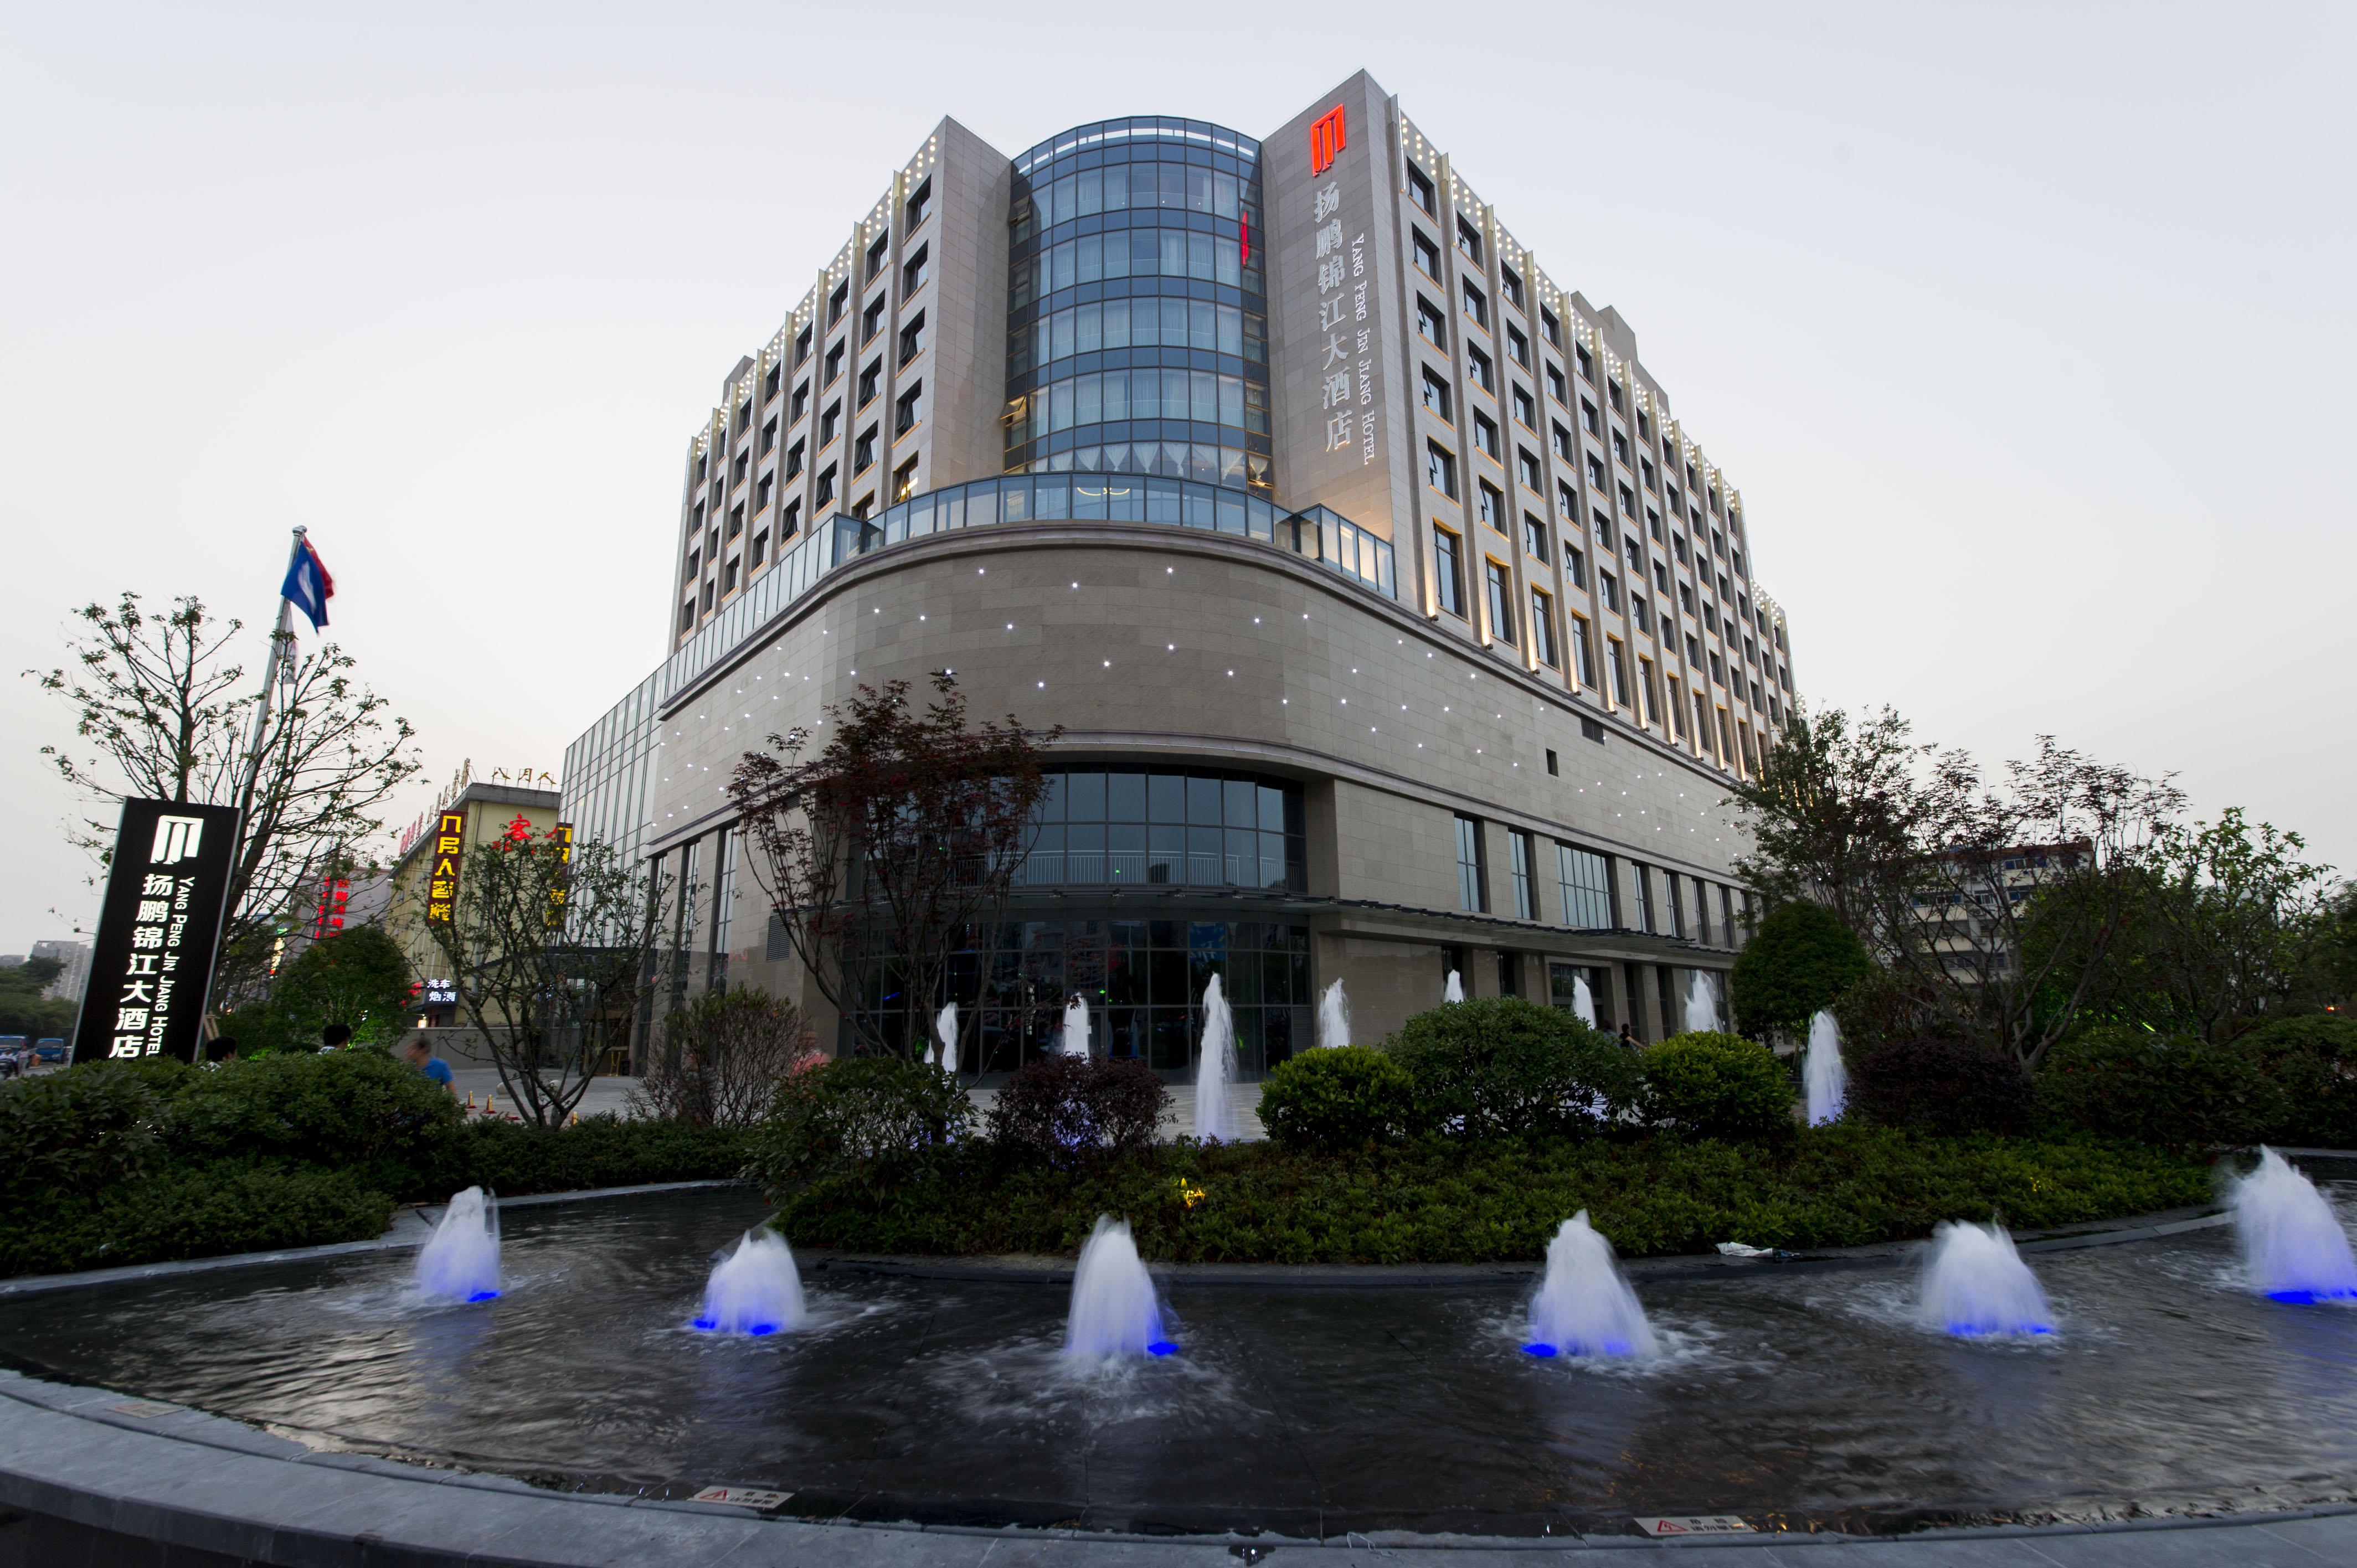 扬州扬鹏锦江大酒店